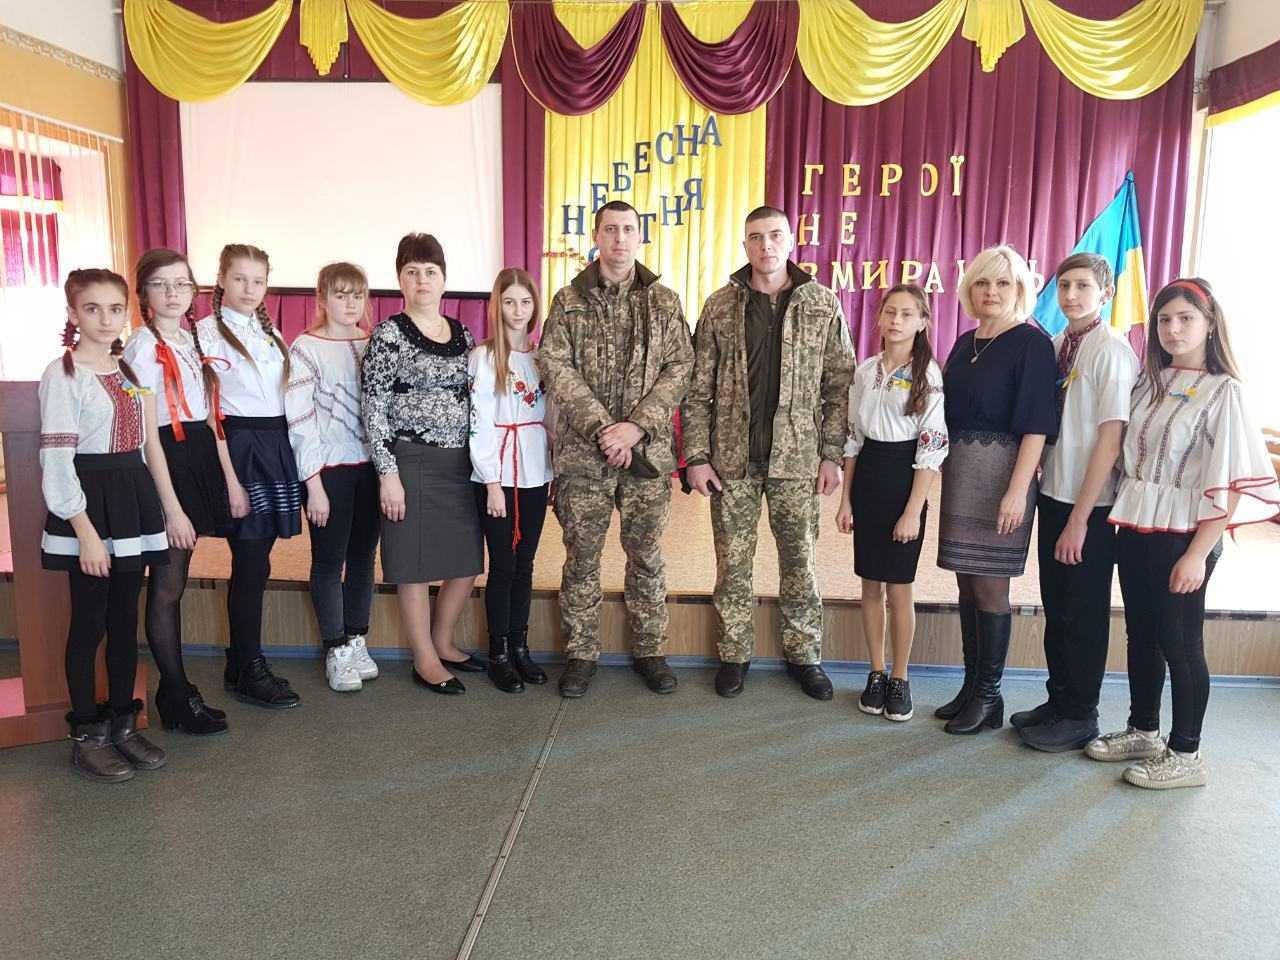 Zyabrev Udachnoe - В Покровскому районі відбулись заходів до Дня Героїв Небесної Сотні